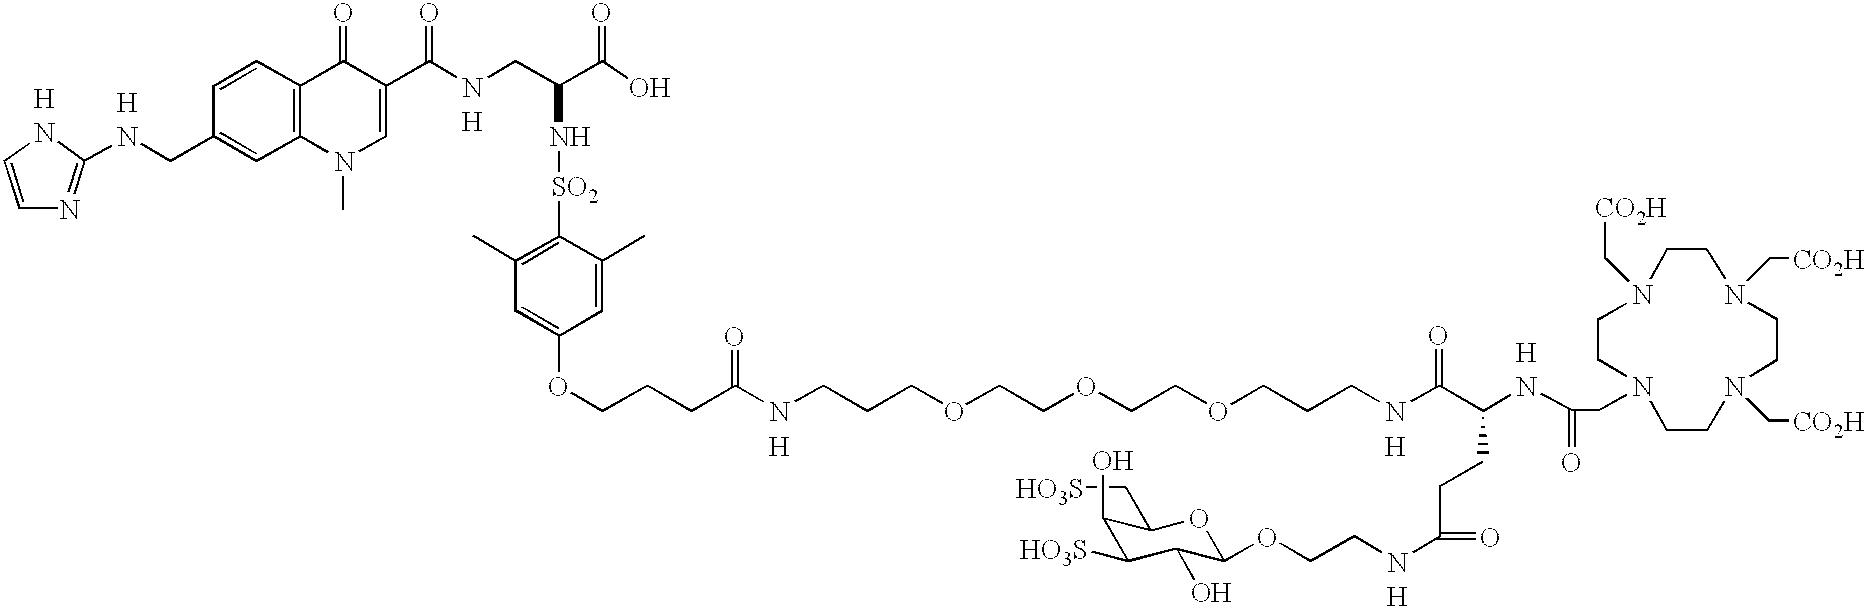 Figure US06683163-20040127-C00087